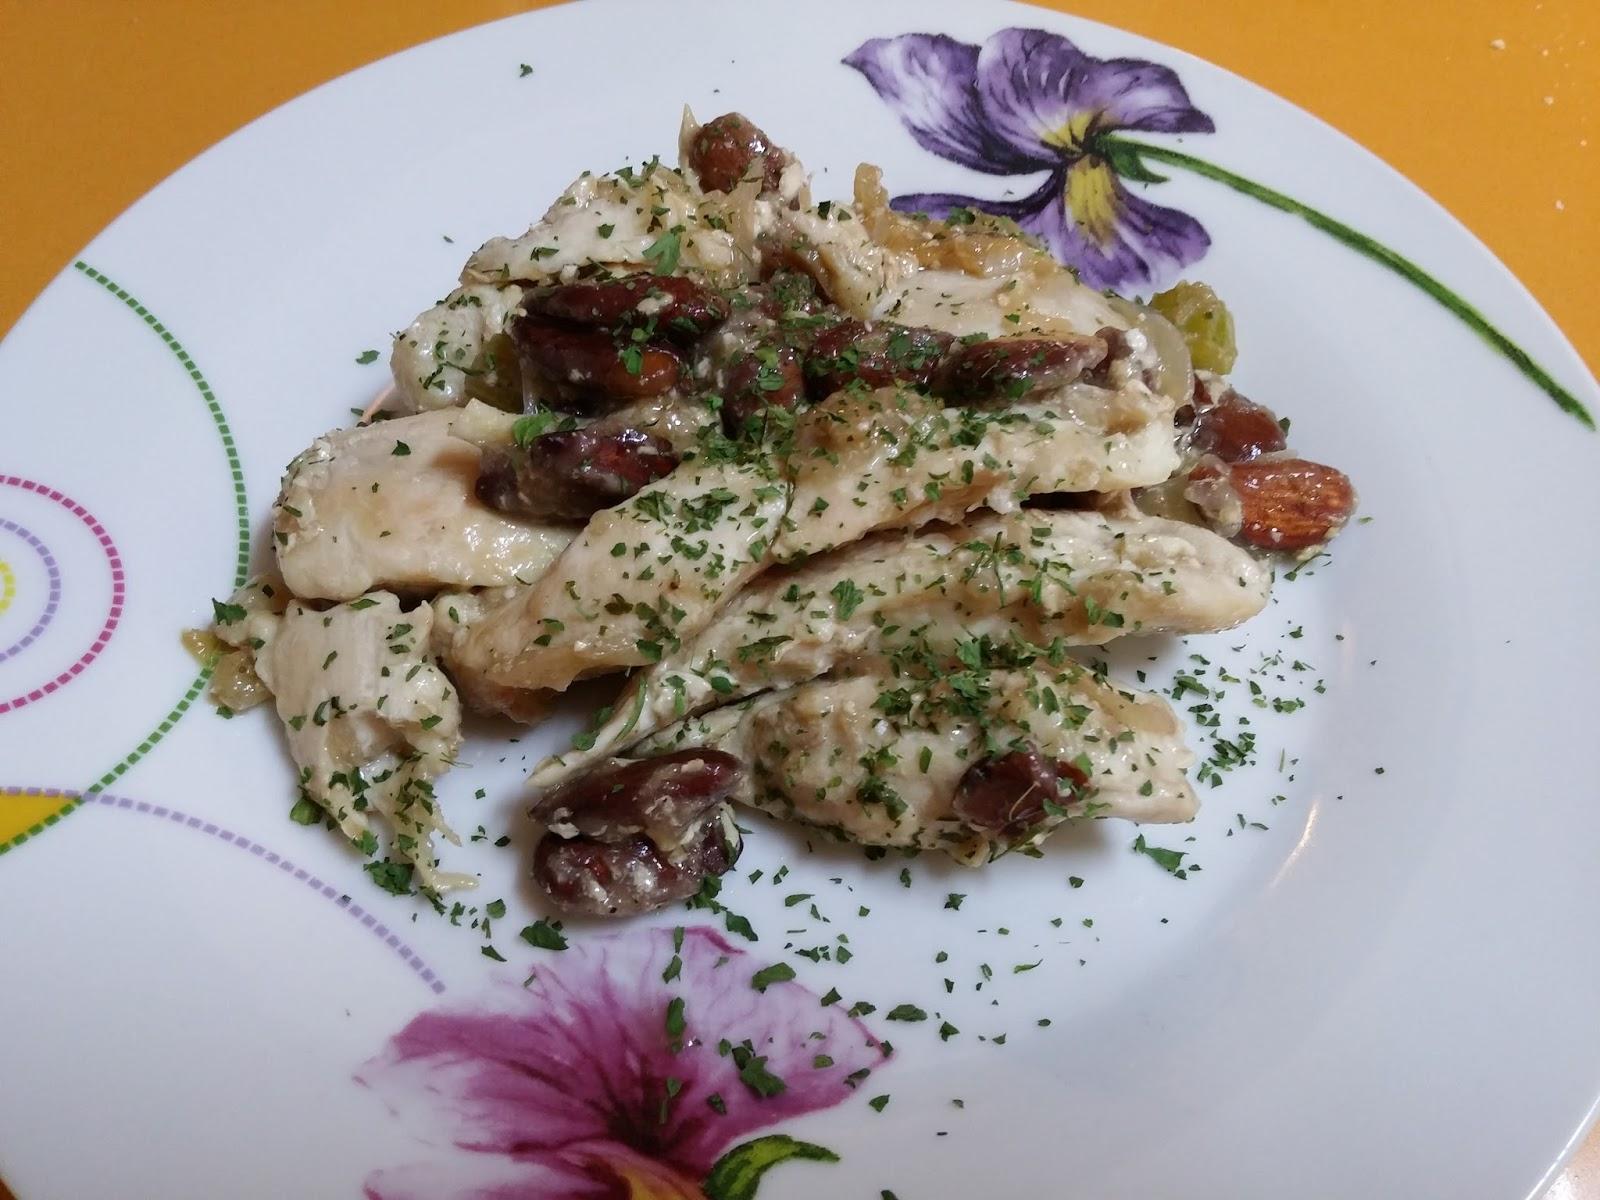 La cocina f cil de silvia pollo con almendras - Pollo con almendras facil ...